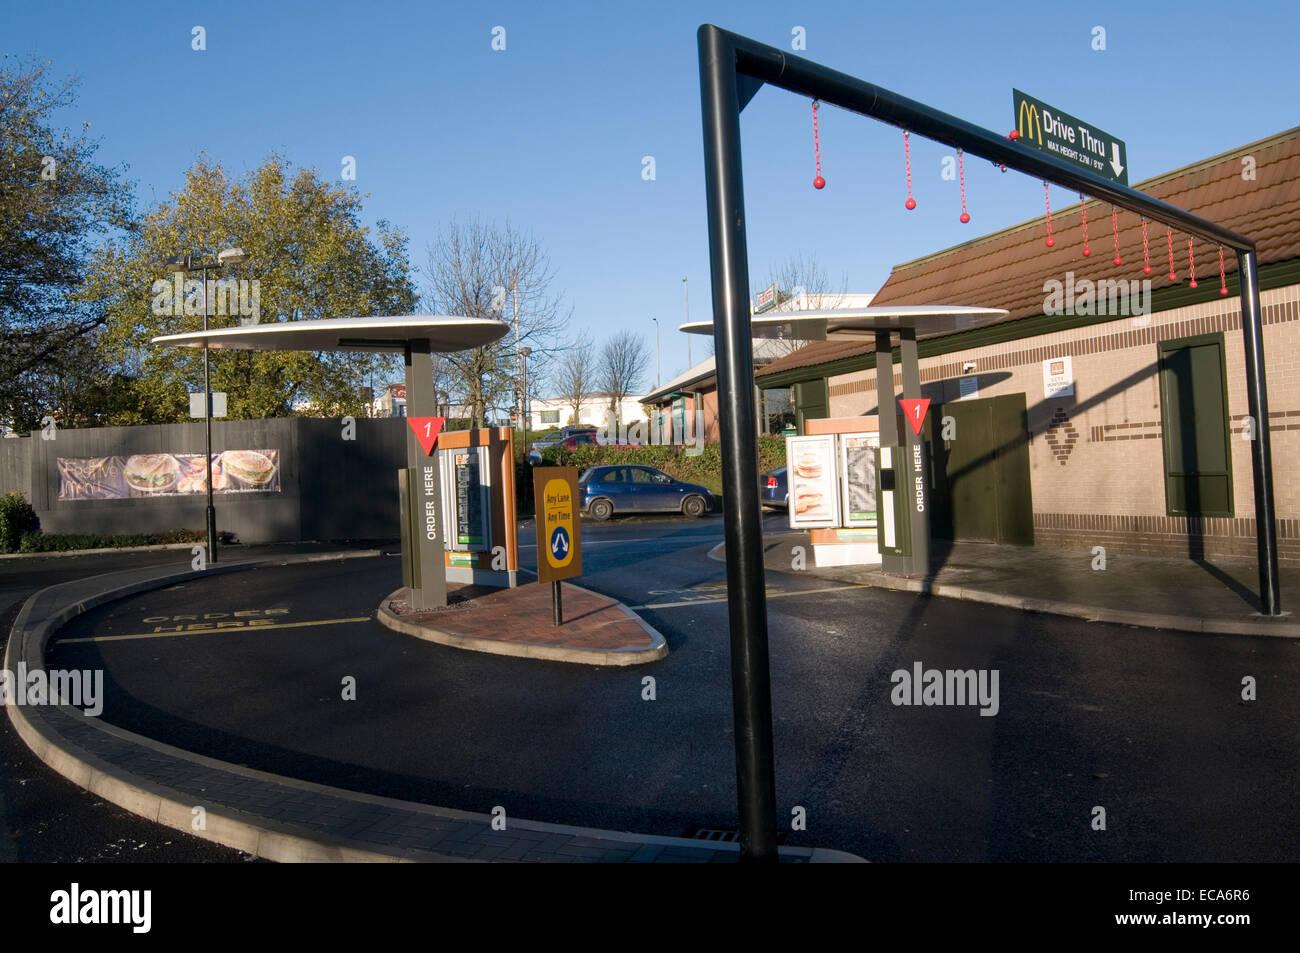 Mcdonalds Car Park